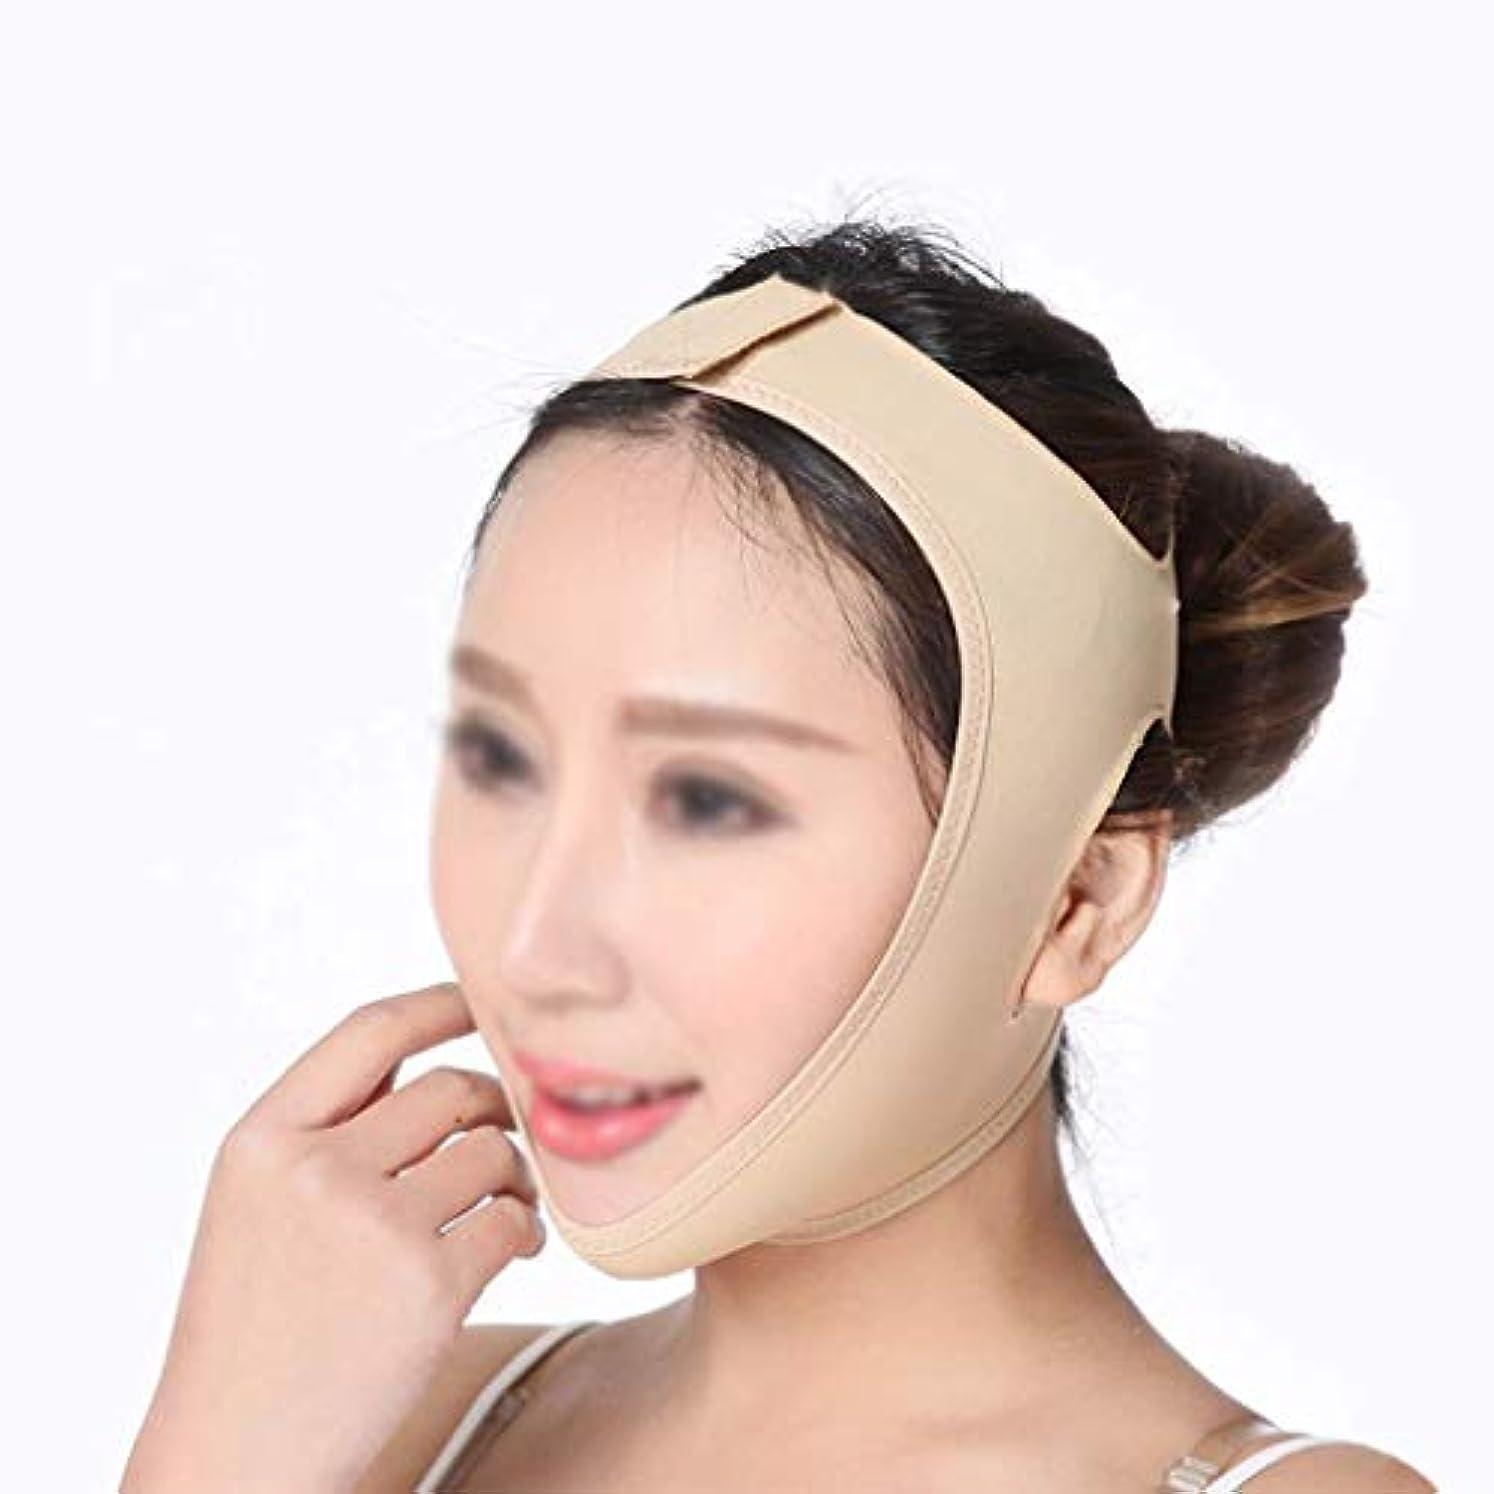 円形自由グリットフェイシャルチークリフティングマスク、ダブルチンとフェイスを効果的に改善、フェイスリフト包帯、ダブルチンを減らす(サイズ:L),M